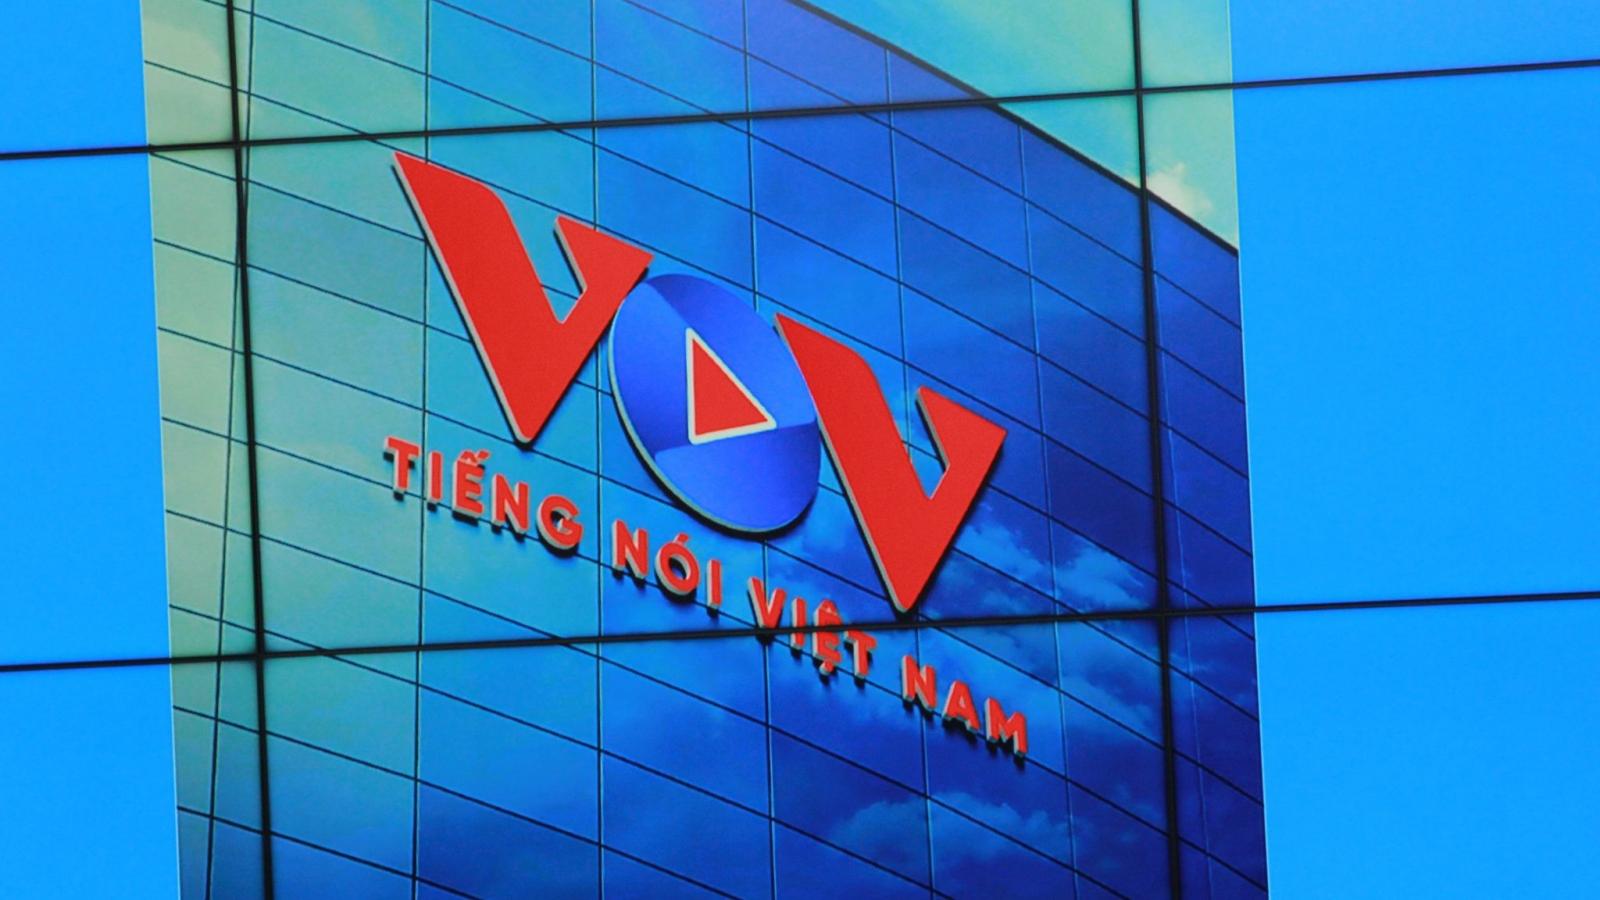 VOV họp báo công bố bộ nhận diện mới nhân 75 năm thành lập